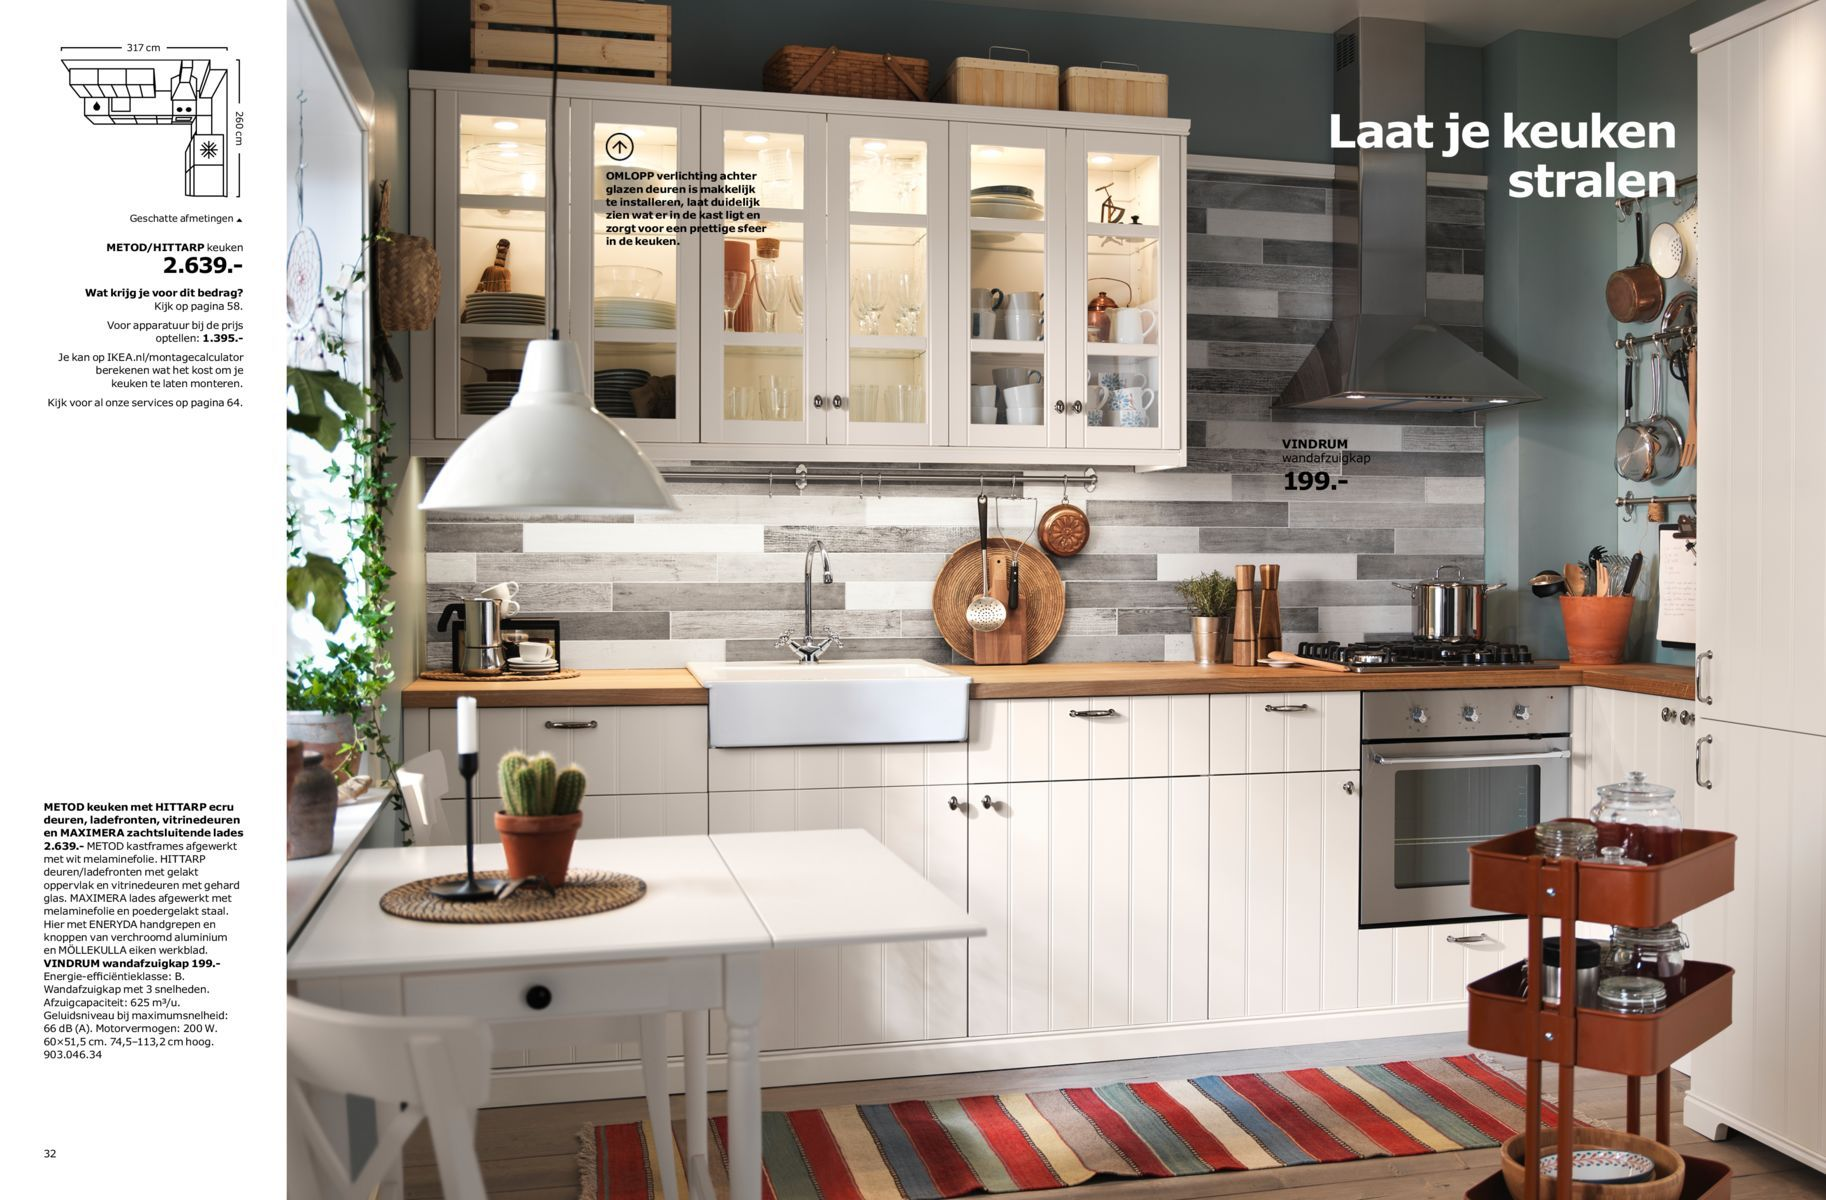 Ikea Keuken Hittarp : Brochure keukens keuken ideeën bbweg keuken ideeën